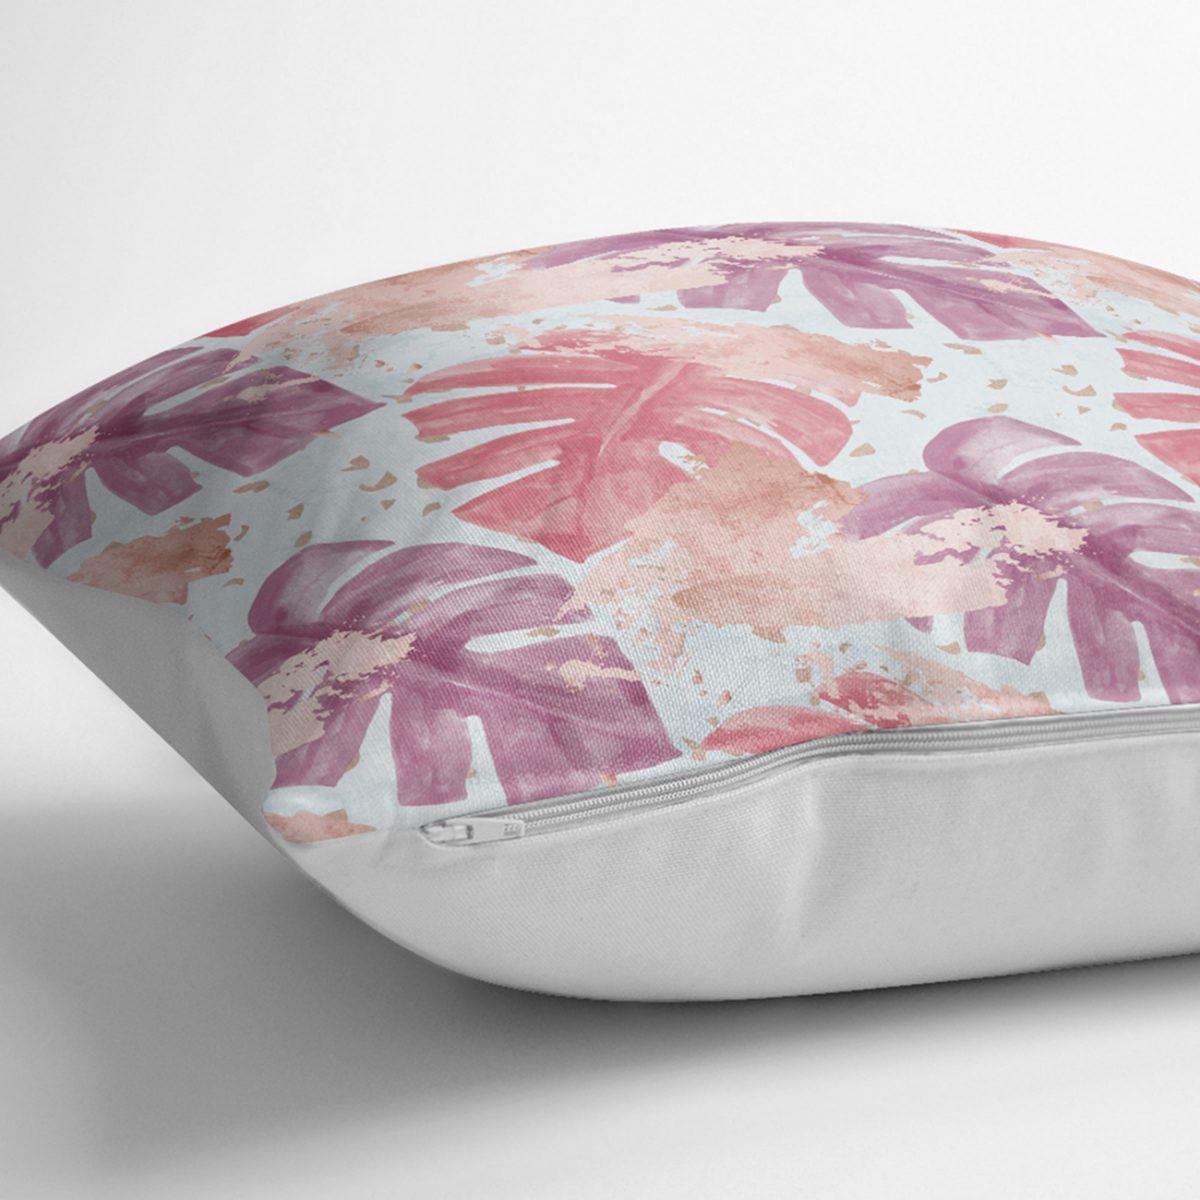 Sulu Boya Tropik Yaprak Desenli Özel Tasarım Modern Kırlent Kılıfı Realhomes